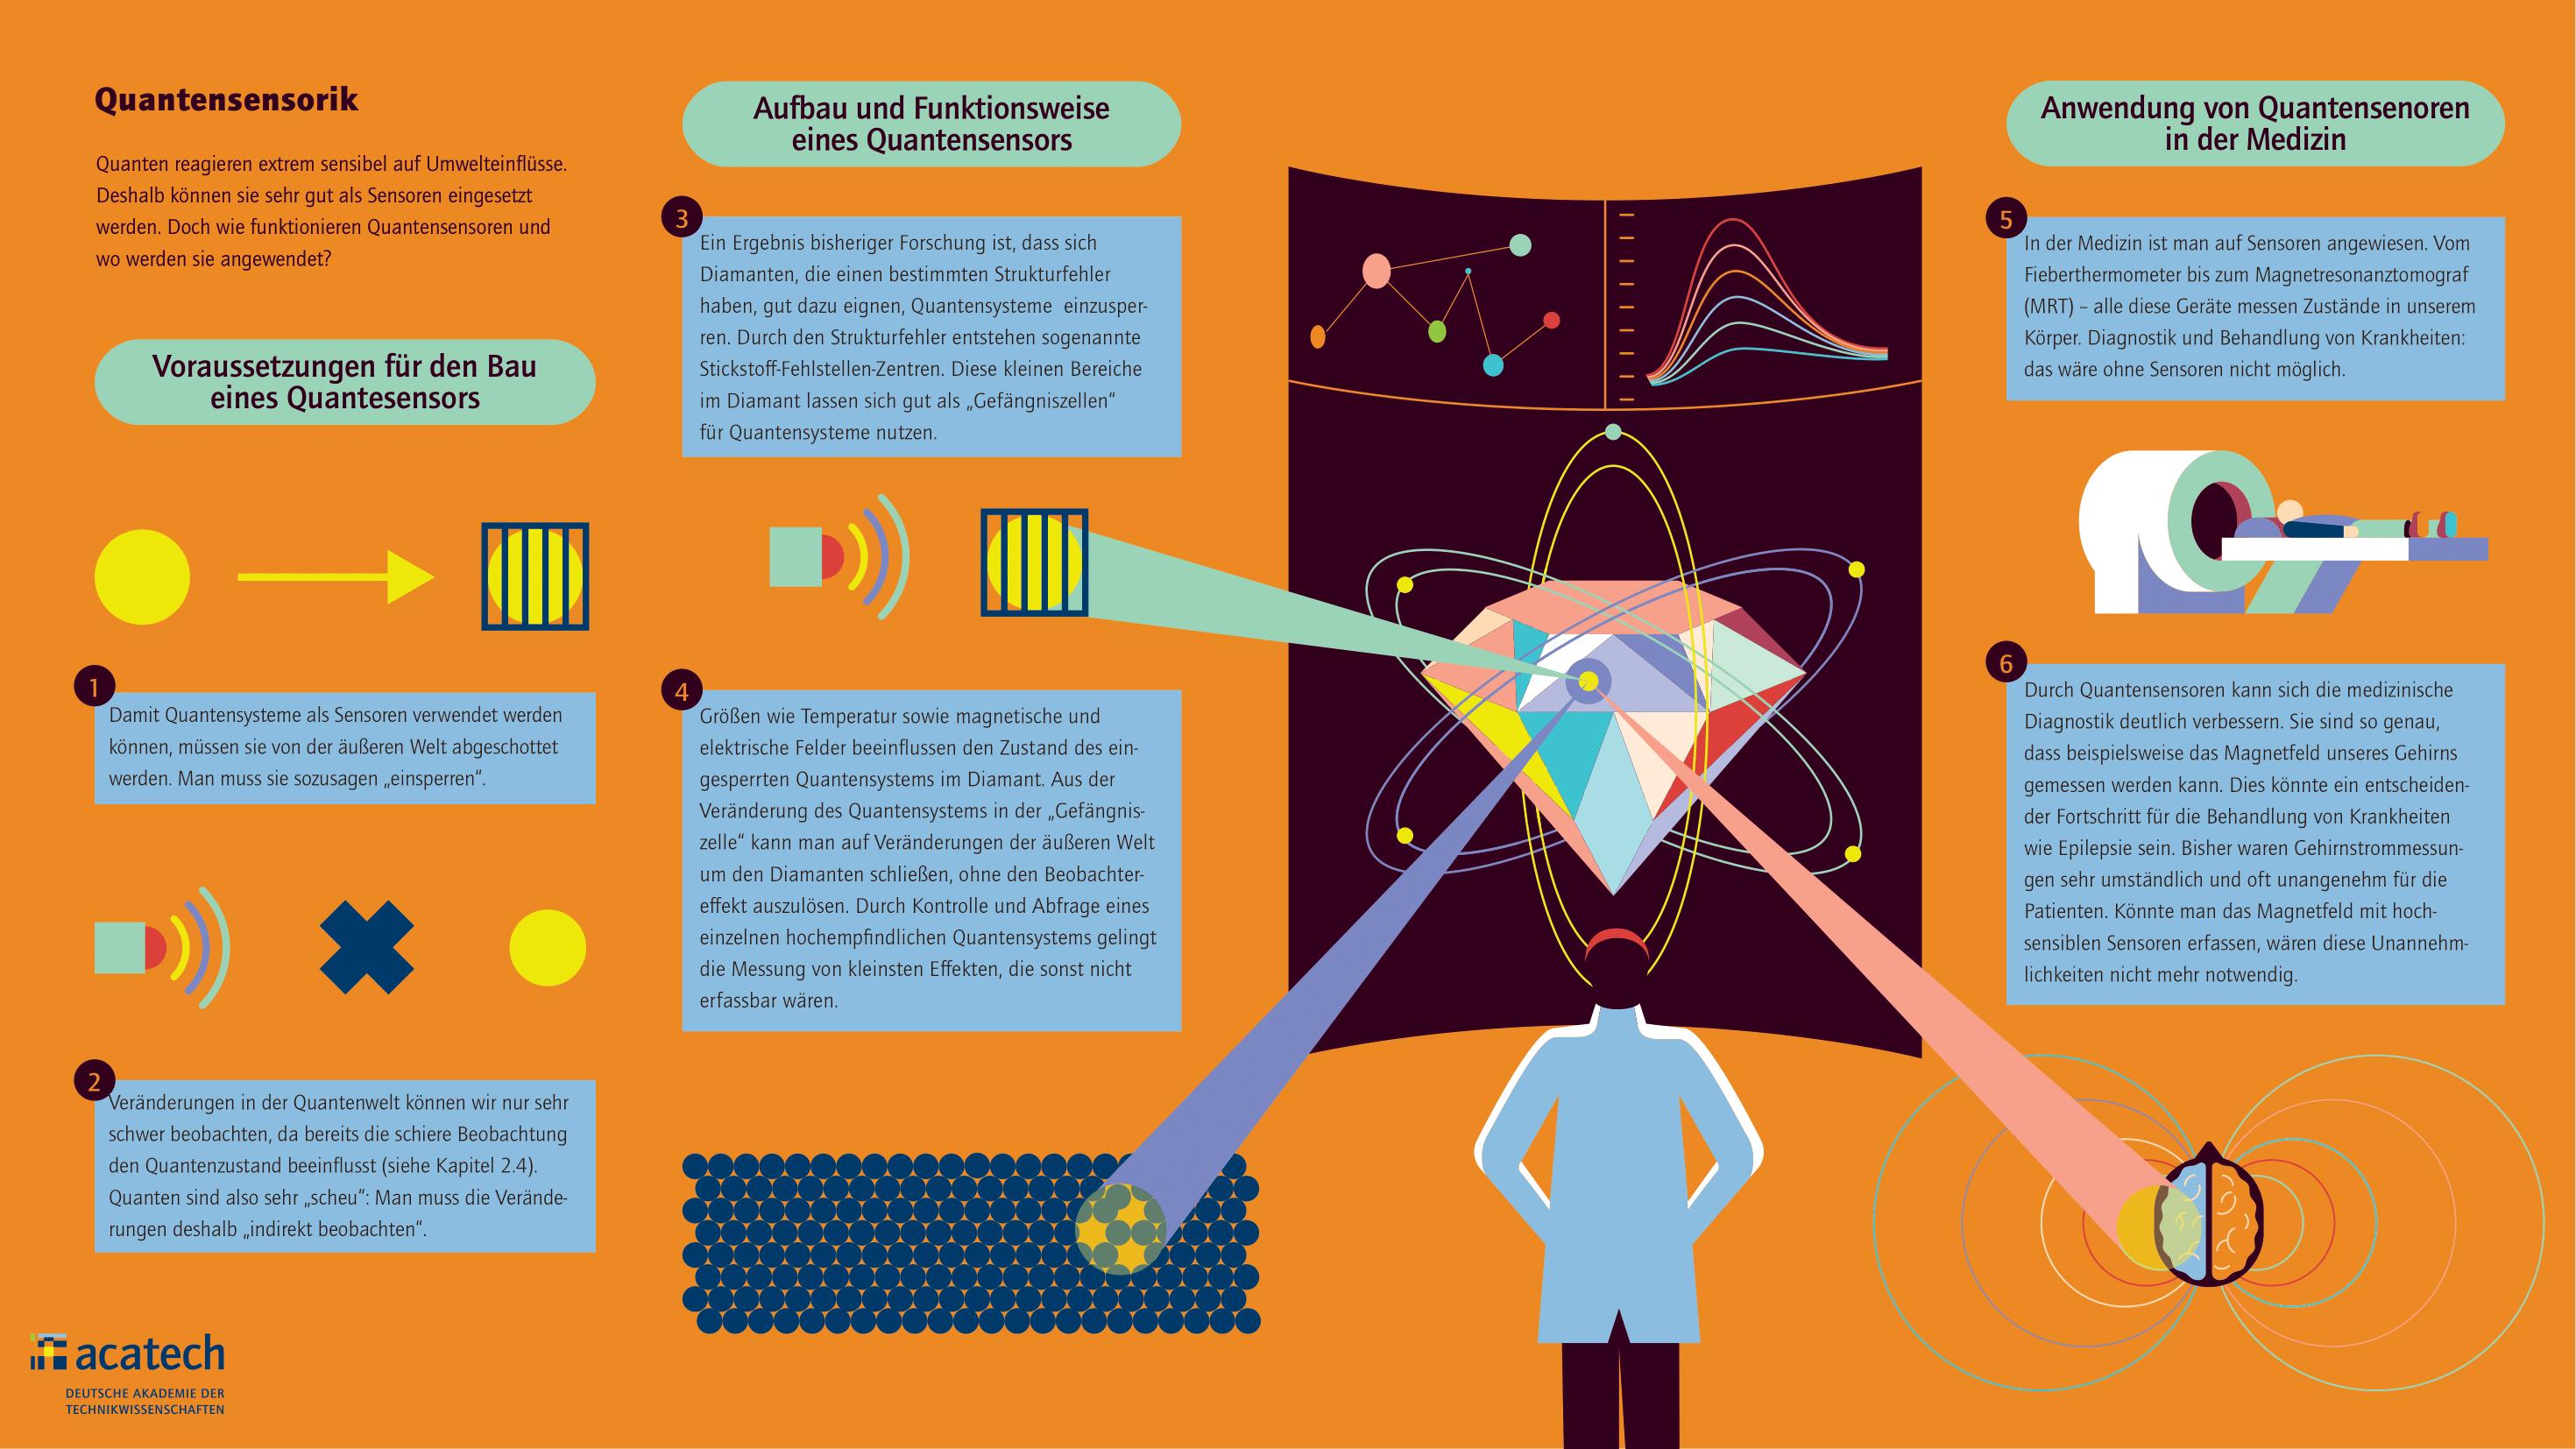 Grafik mit abstrahierter Darstellung der Quantensensorik